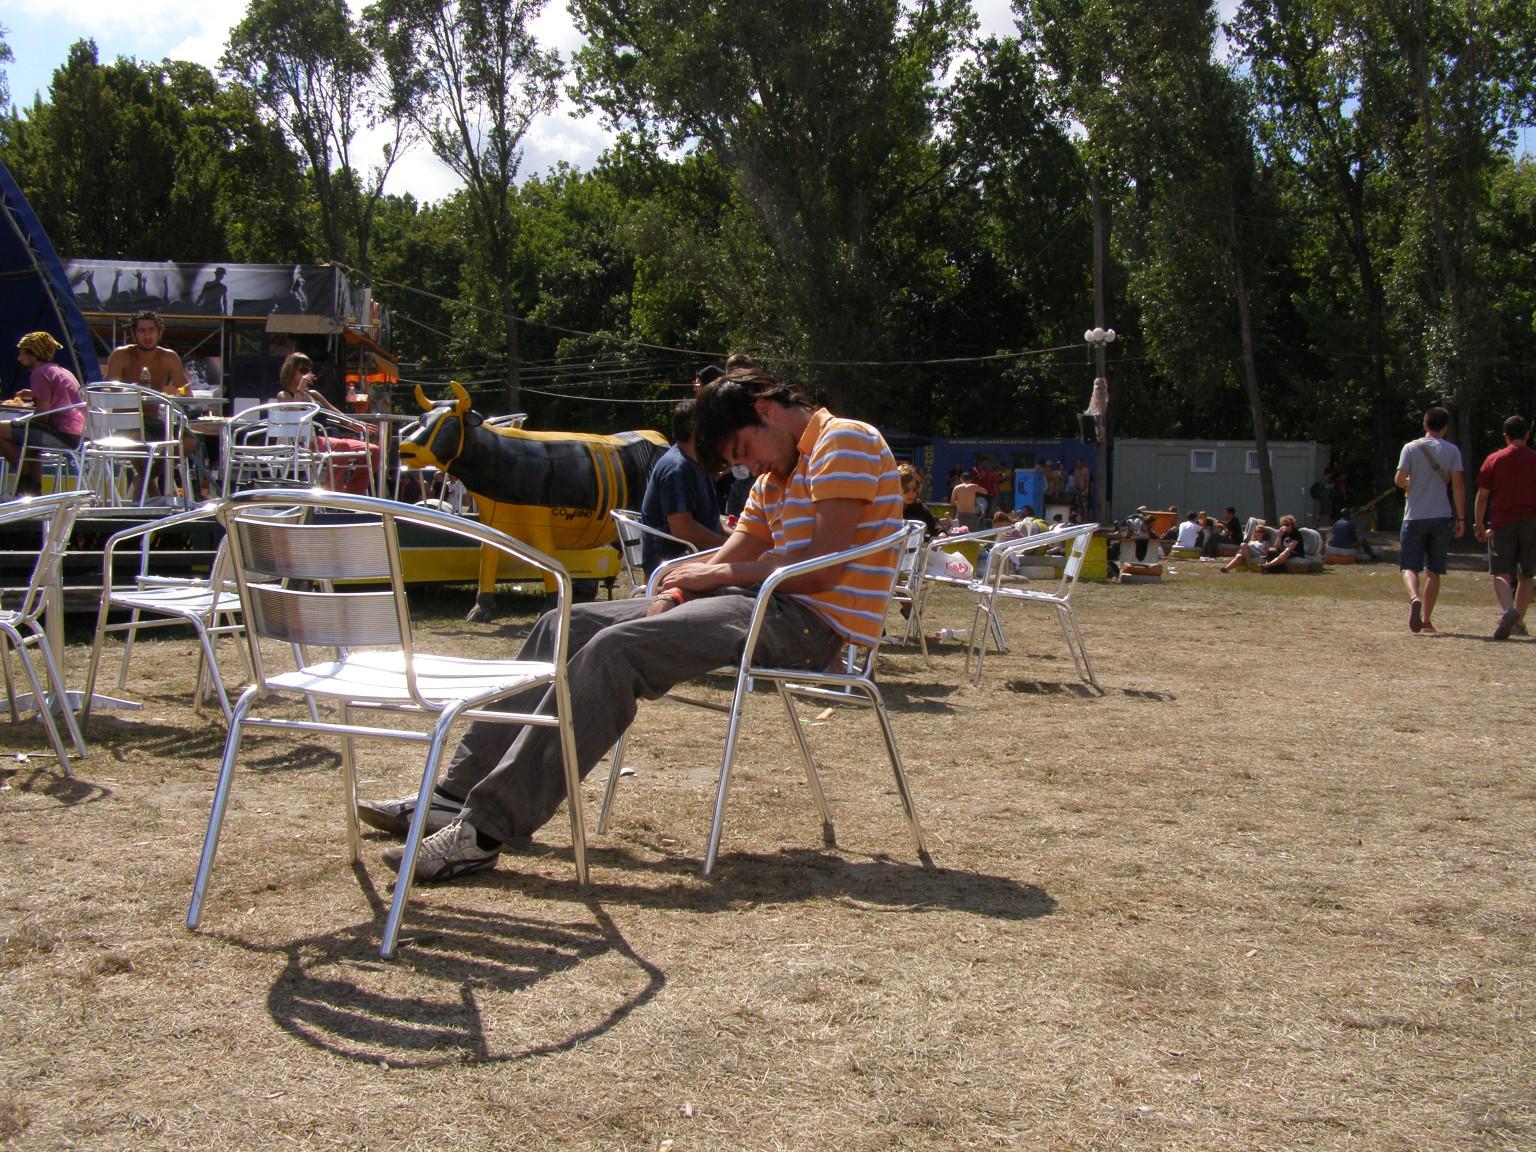 Itt pedig a fesztivál közben pihenő másik vendég